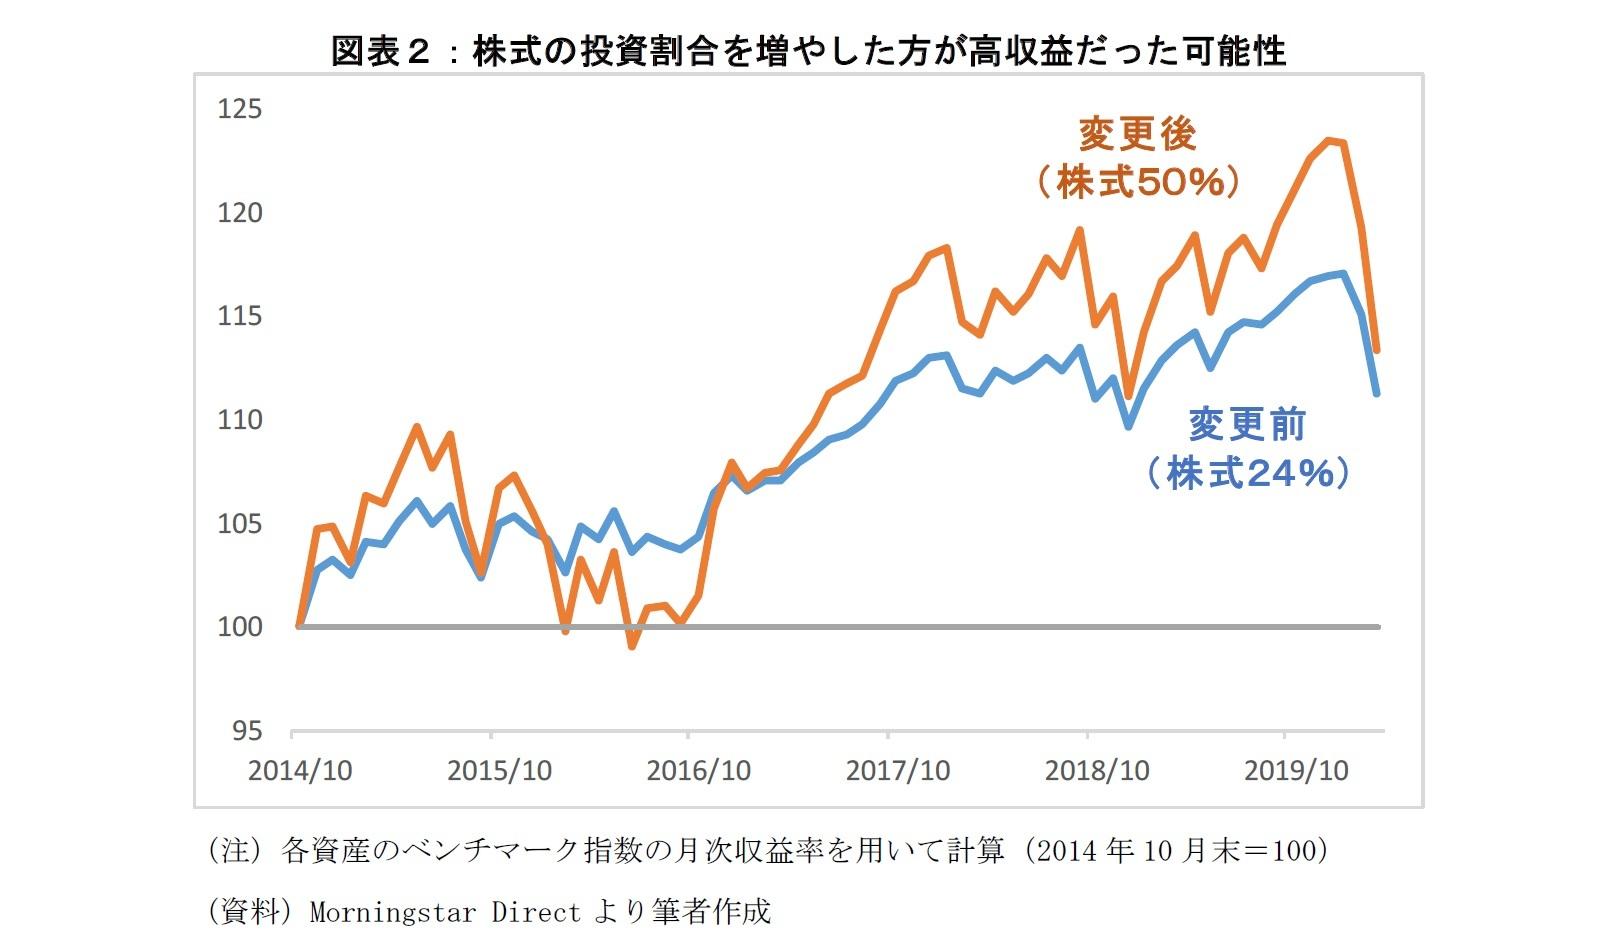 図表2:株式の投資割合を増やした方が高収益だった可能性